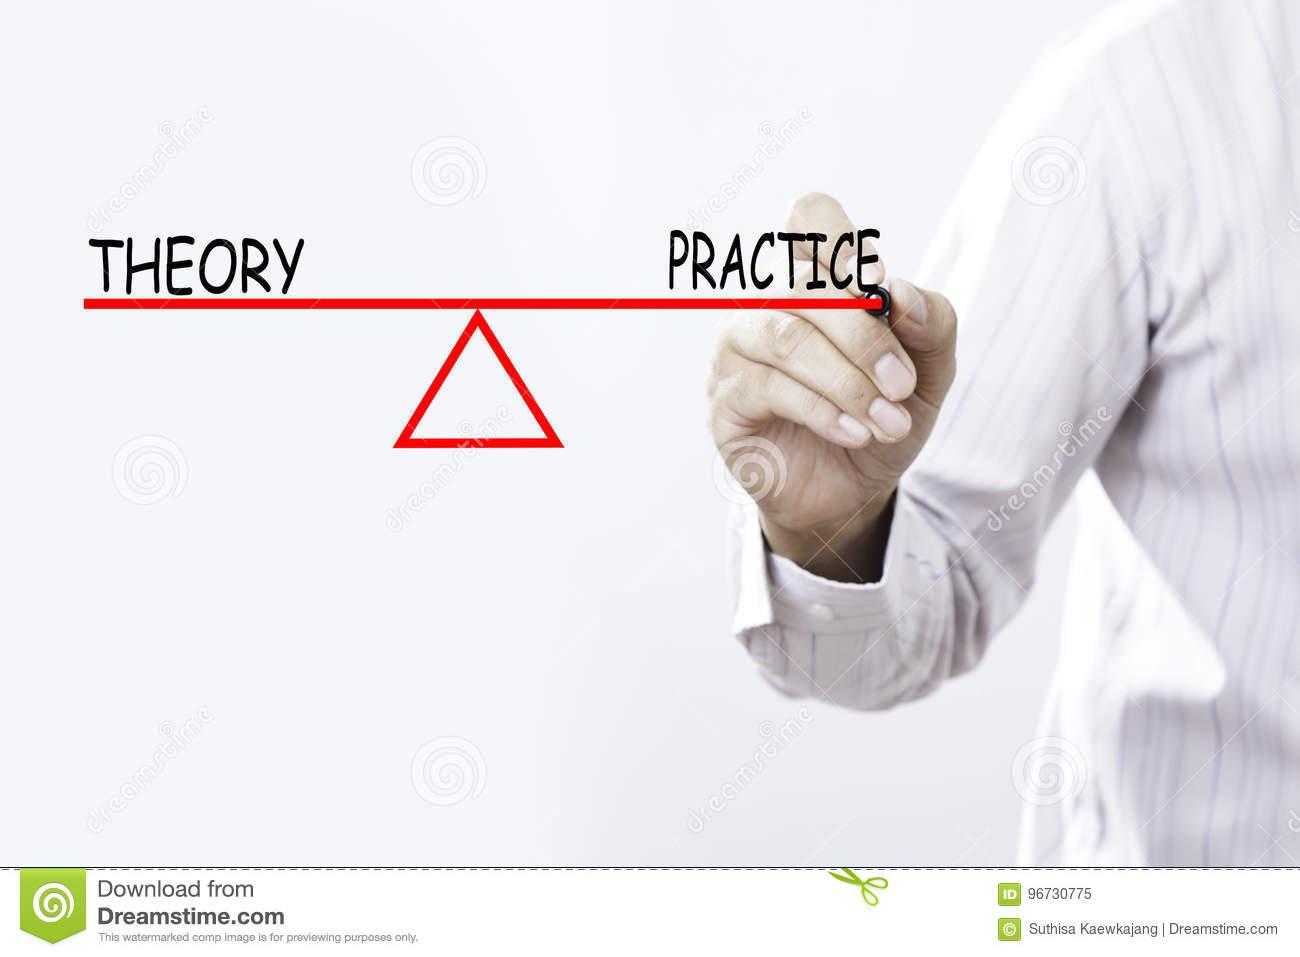 теория-и-практика-чертежа-руки-бизнесмена-ба-ансируют-е-о-96730775.jpg